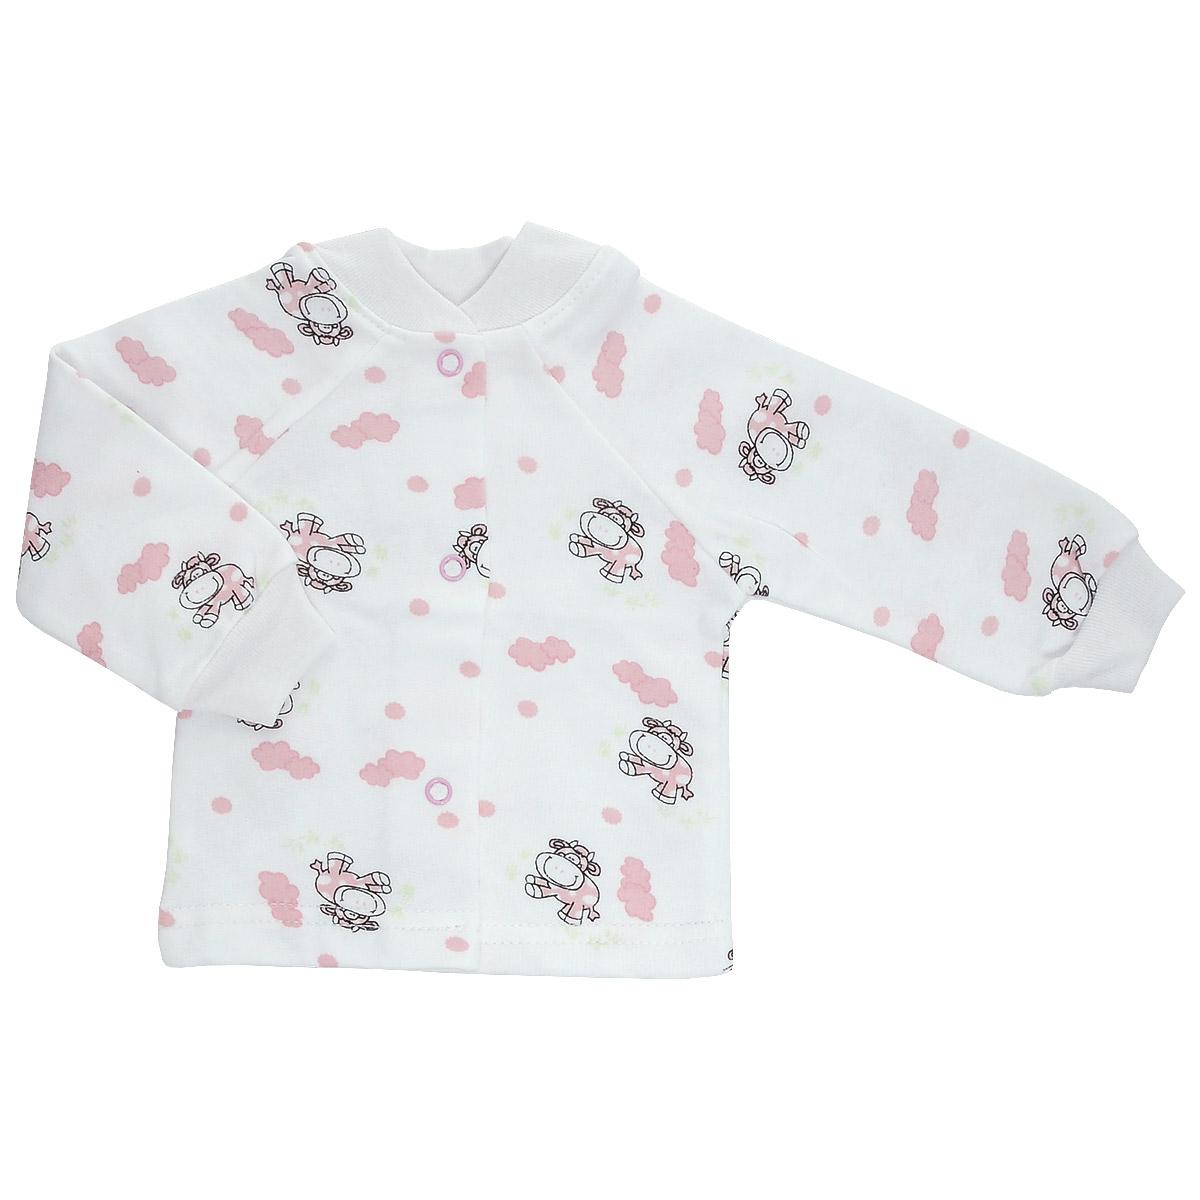 5174Кофточка для новорожденного Трон-плюс с длинными рукавами и небольшим воротничком-стоечкой послужит идеальным дополнением к гардеробу вашего ребенка, обеспечивая ему наибольший комфорт. Изготовленная из футера - натурального хлопка, она необычайно мягкая и легкая и теплая, не раздражает нежную кожу ребенка и хорошо вентилируется, а эластичные швы приятны телу малыша и не препятствуют его движениям. Удобные застежки-кнопки по всей длине помогают легко переодеть младенца. Рукава-реглан понизу дополнены трикотажными манжетами, не пережимающими ручку. Воротничок дополнен эластичной трикотажной резинкой. Кофточка полностью соответствует особенностям жизни ребенка в ранний период, не стесняя и не ограничивая его в движениях.